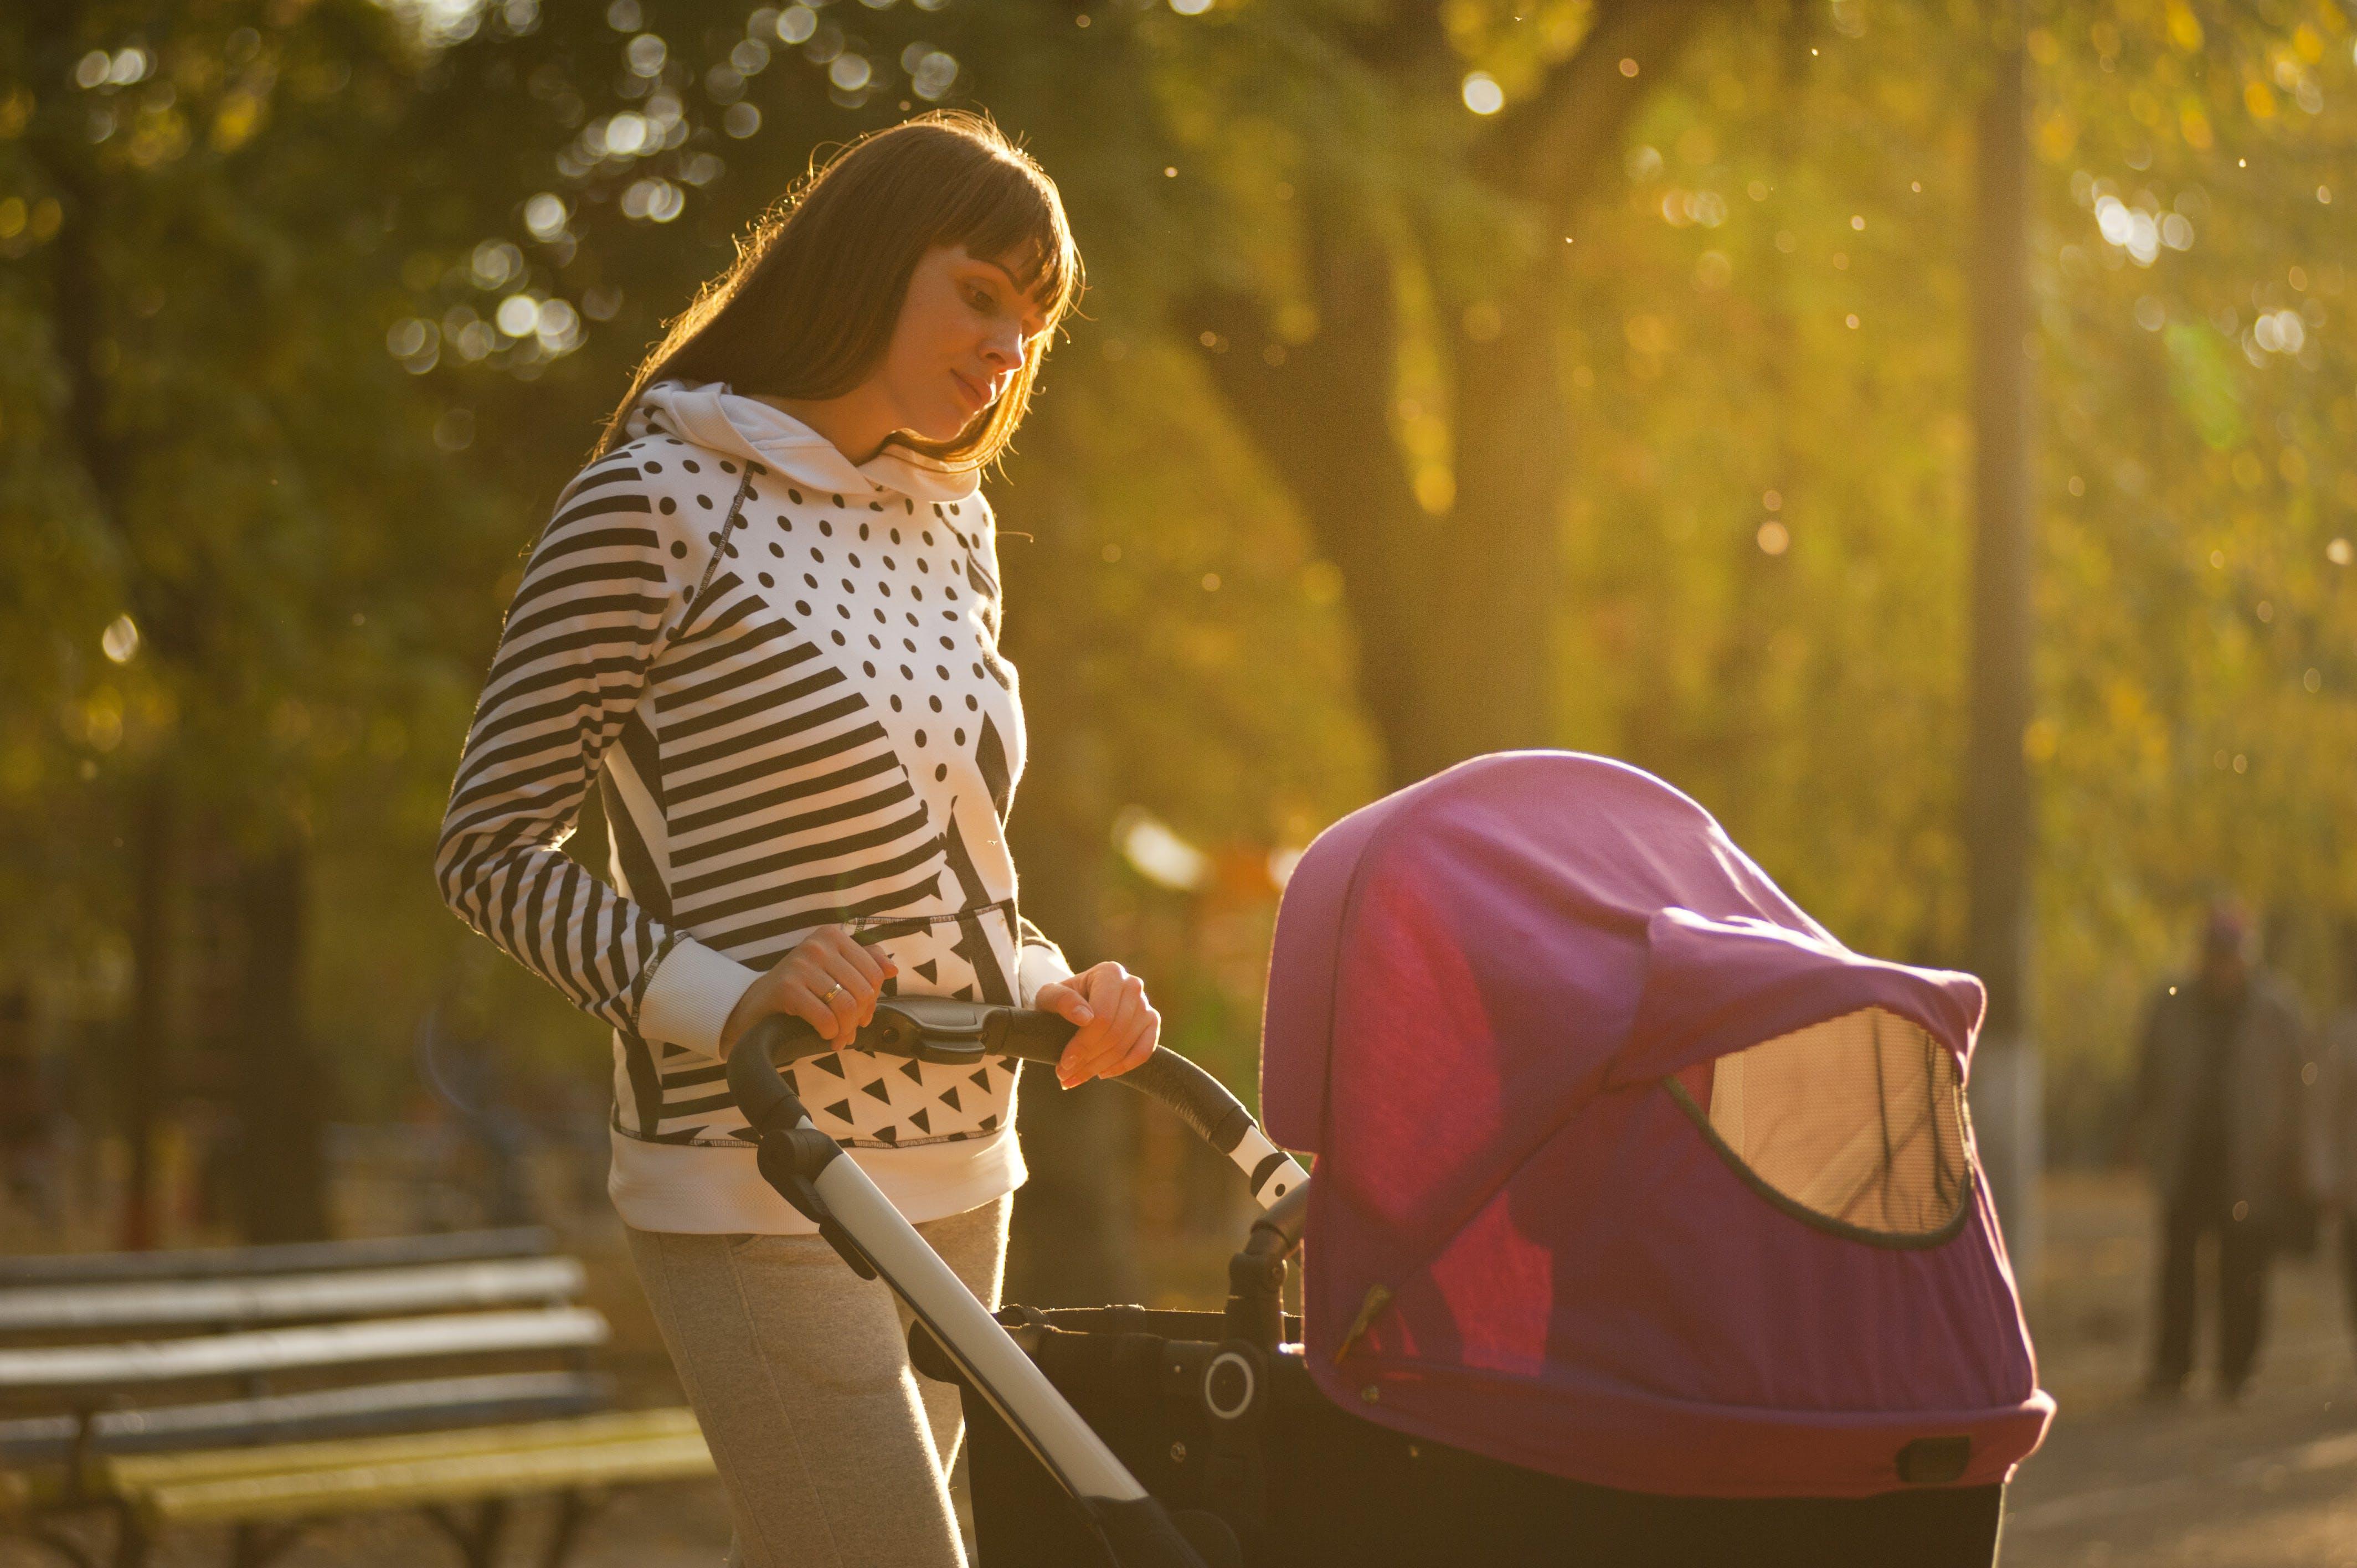 Bebés dentro de cochecitos están más expuestos a la contaminación en la calle